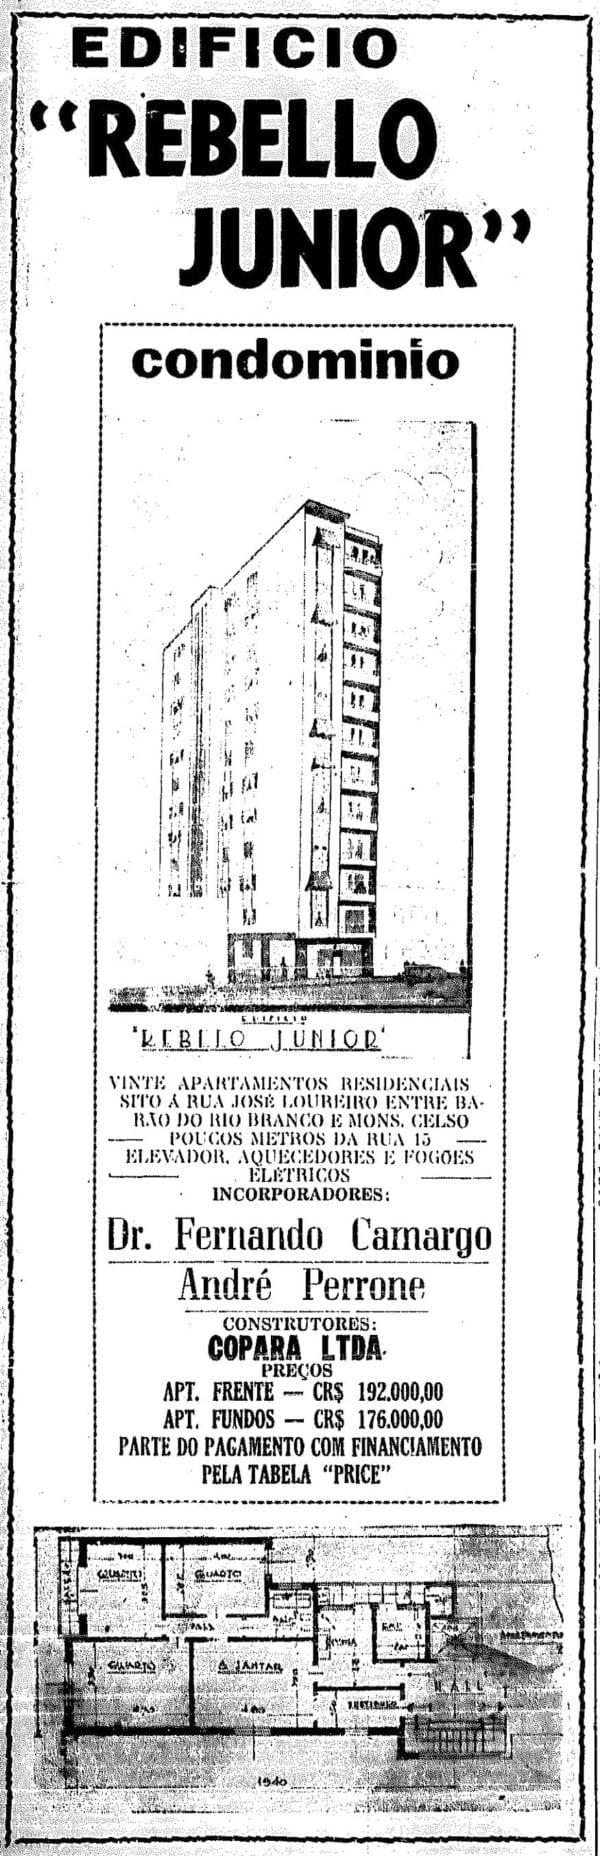 Anúncio de venda dos apartamentos do Edifício Rebello Júnior em 1946.